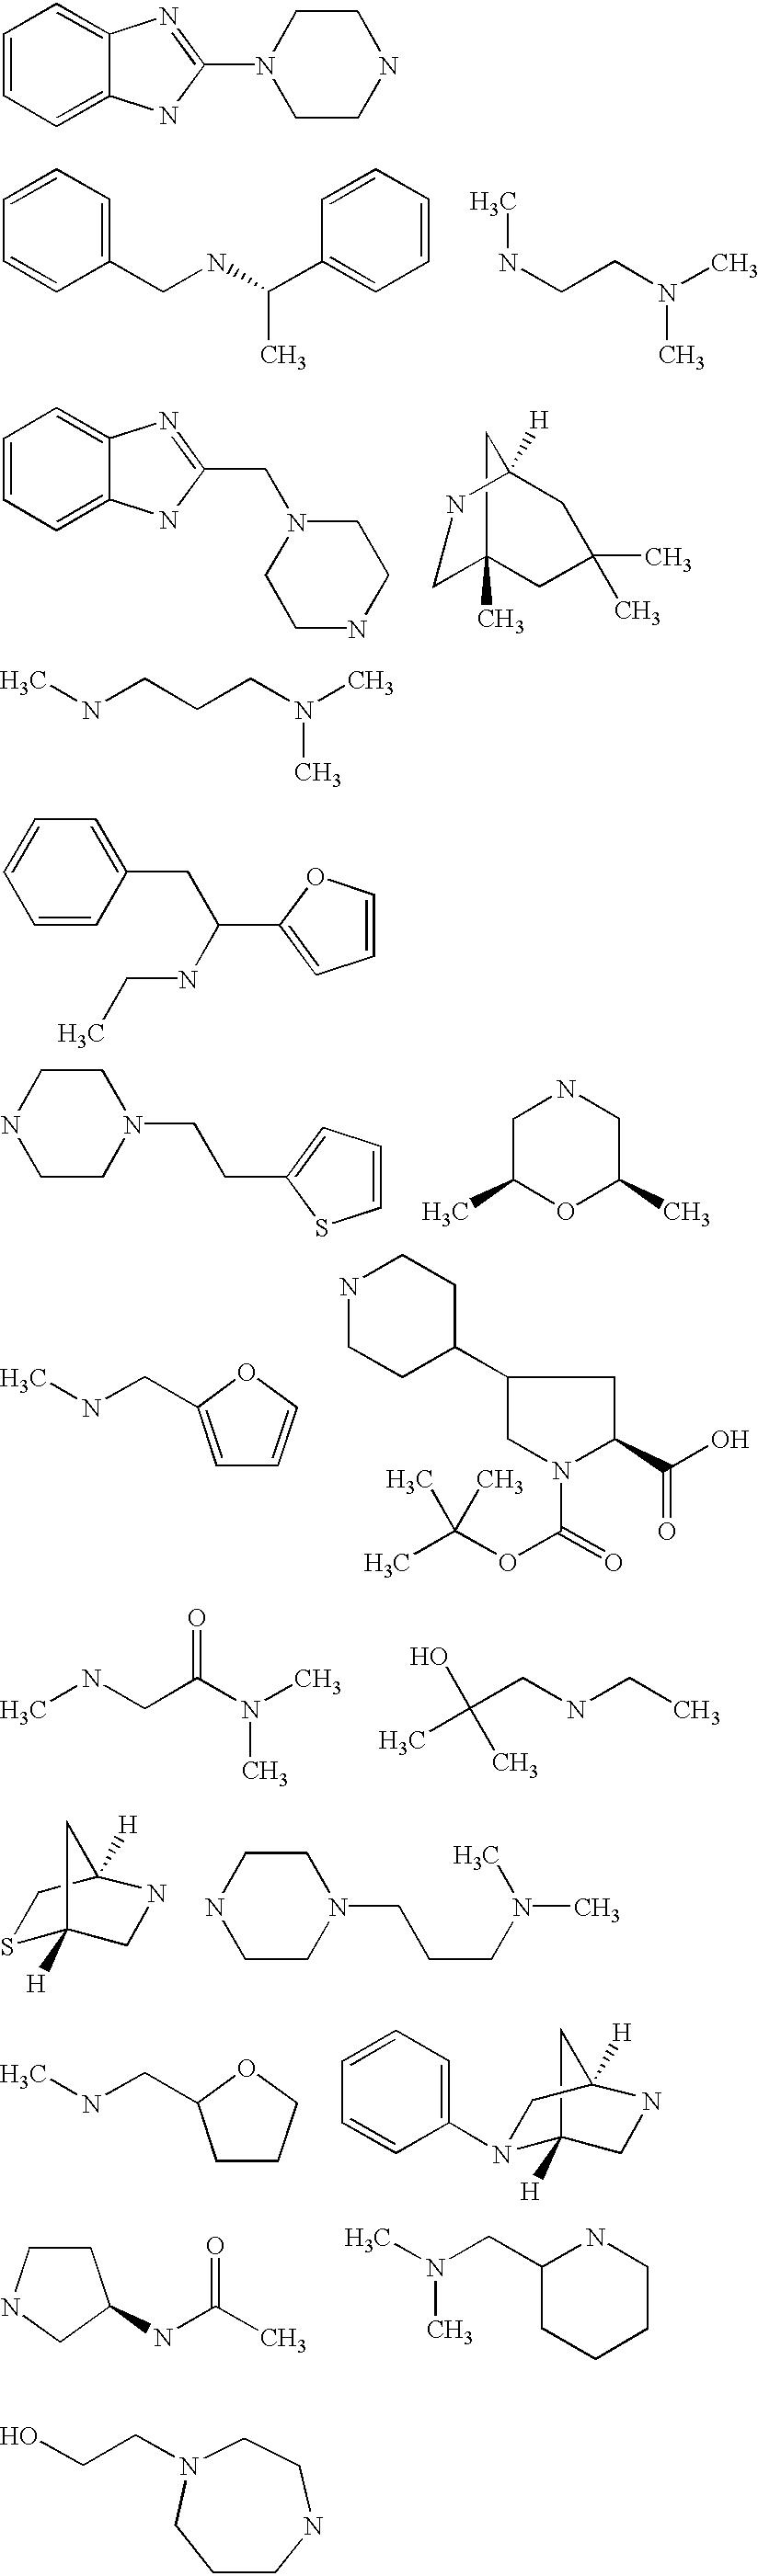 Figure US06693202-20040217-C00073